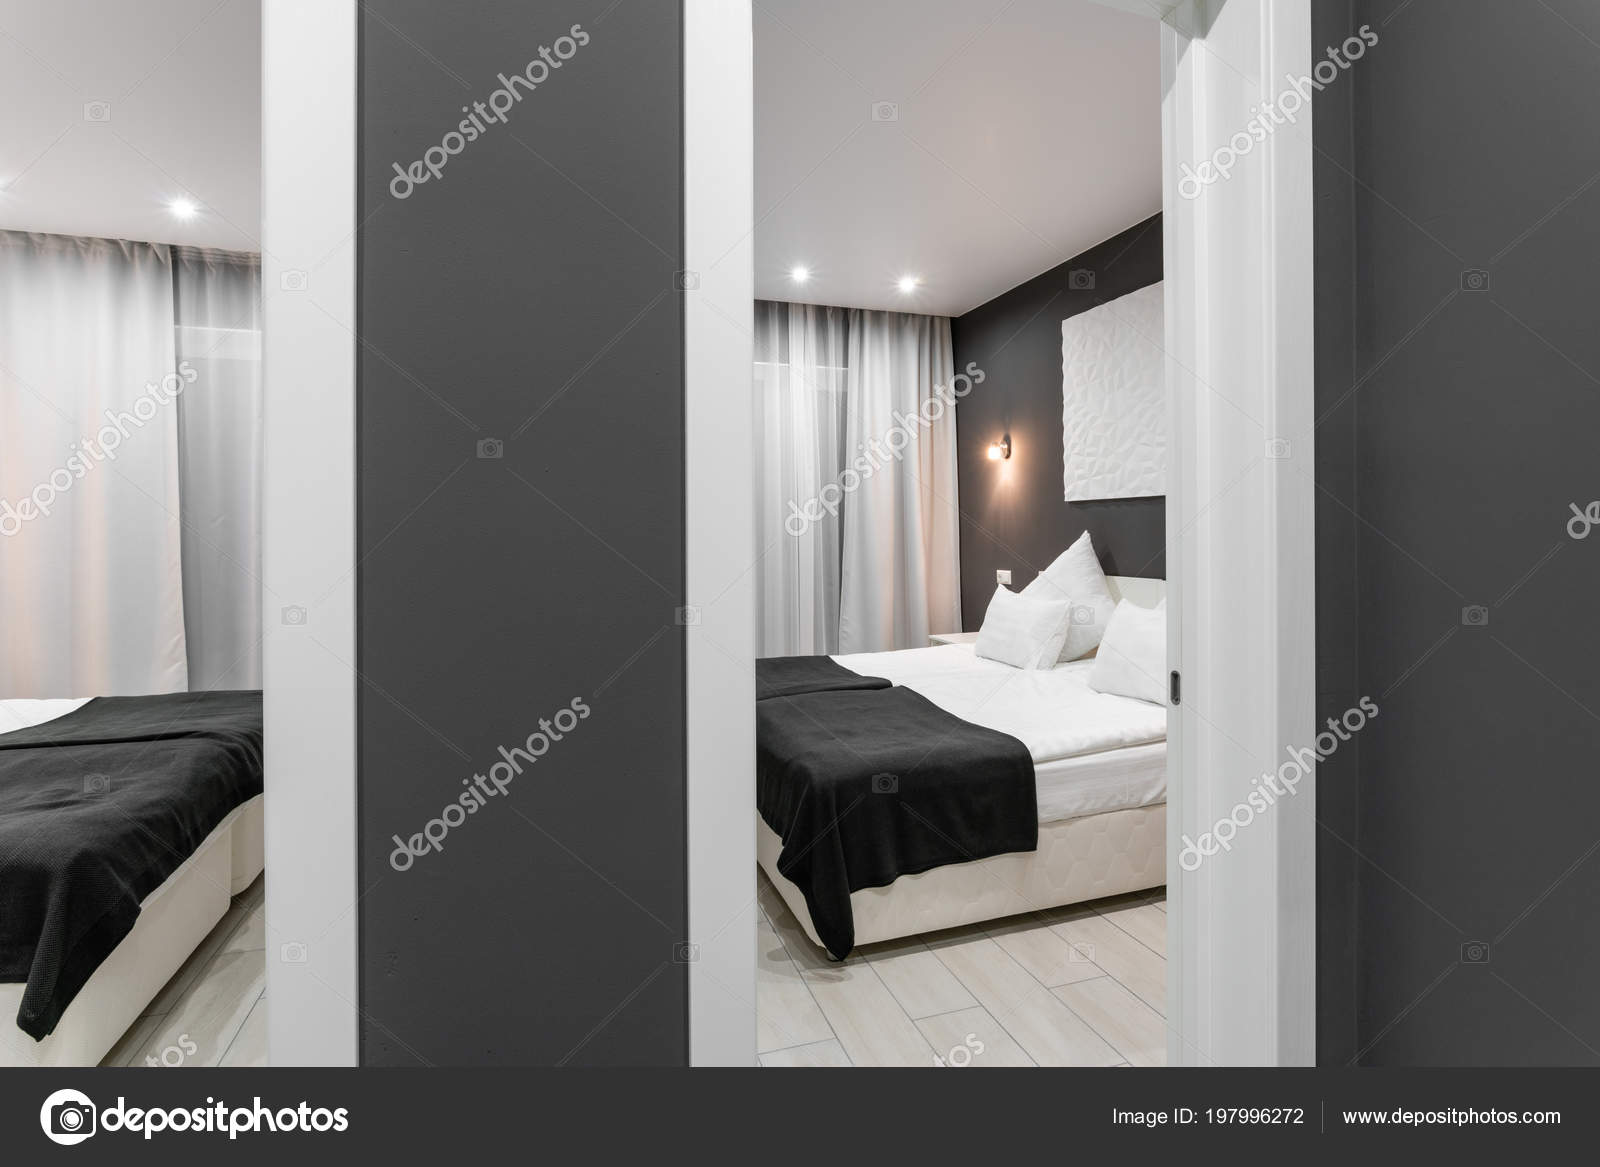 preiswerte Familienzimmer. Hotel Standart zwei Schlafzimmer ...